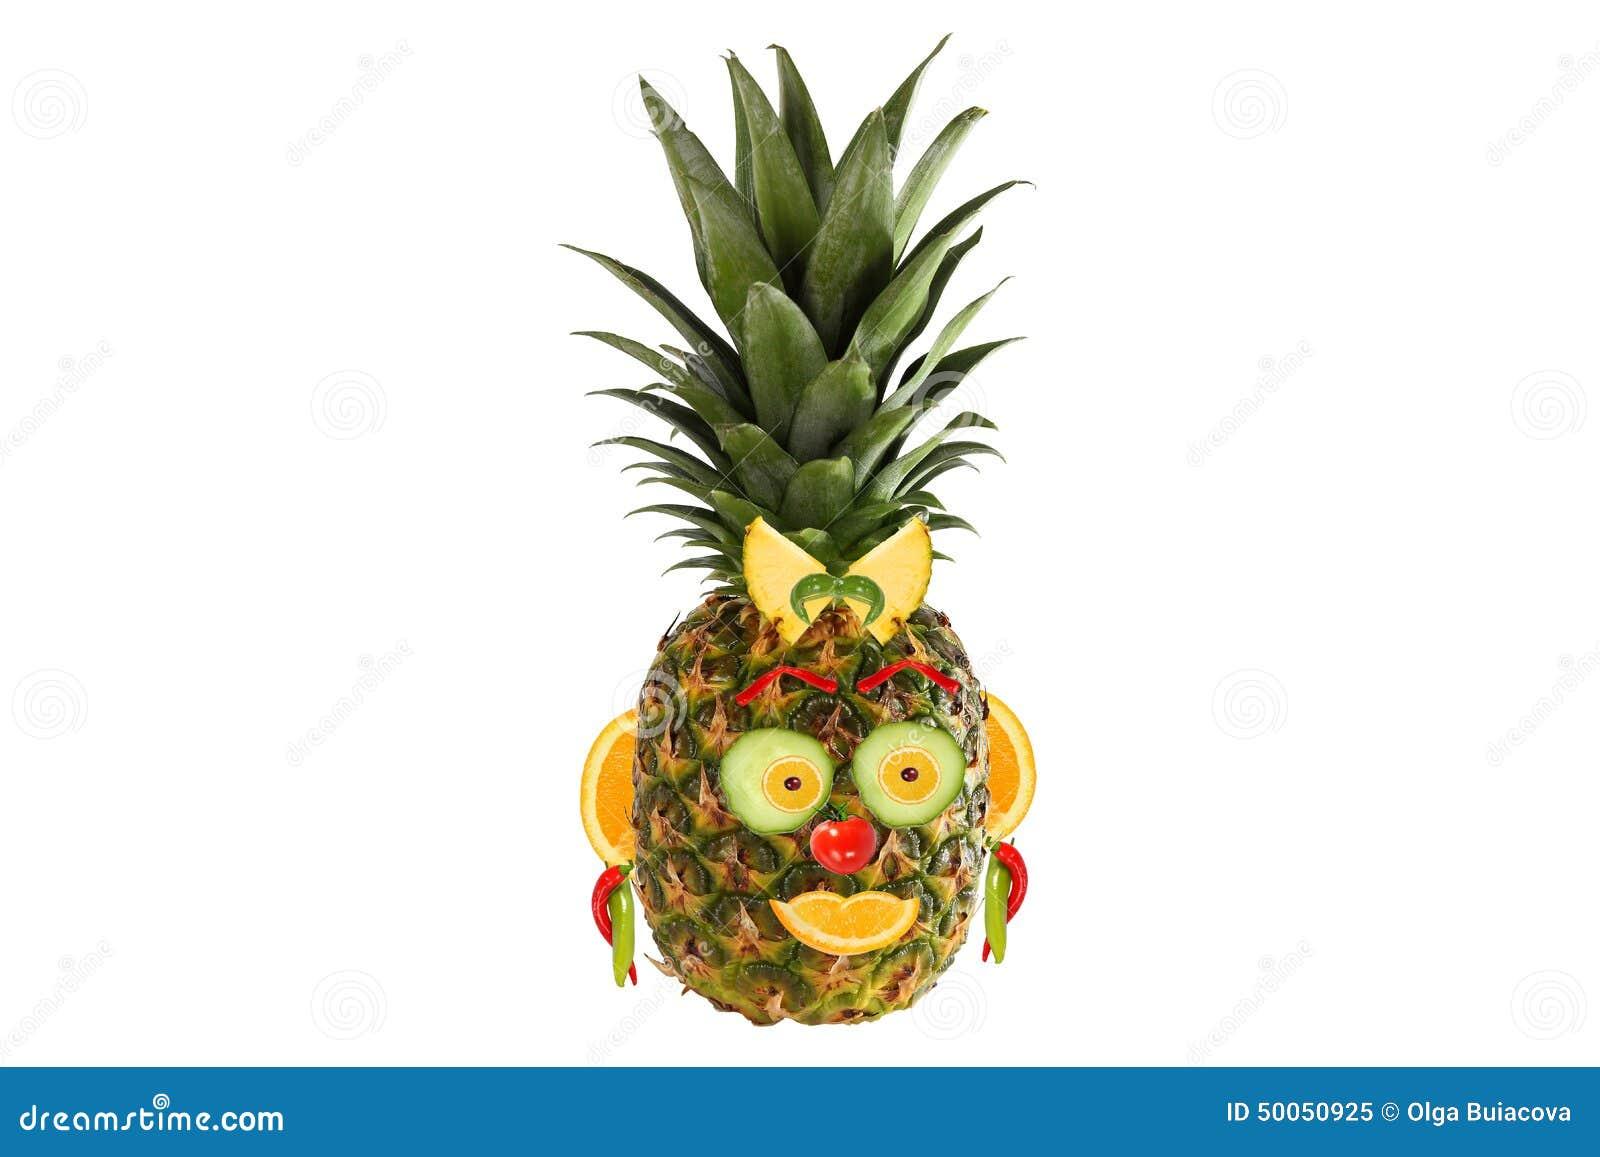 Nourriture cr atrice portrait fait de l gumes et fruits illustration stock image 50050925 - Fruits et legumes de a a z ...